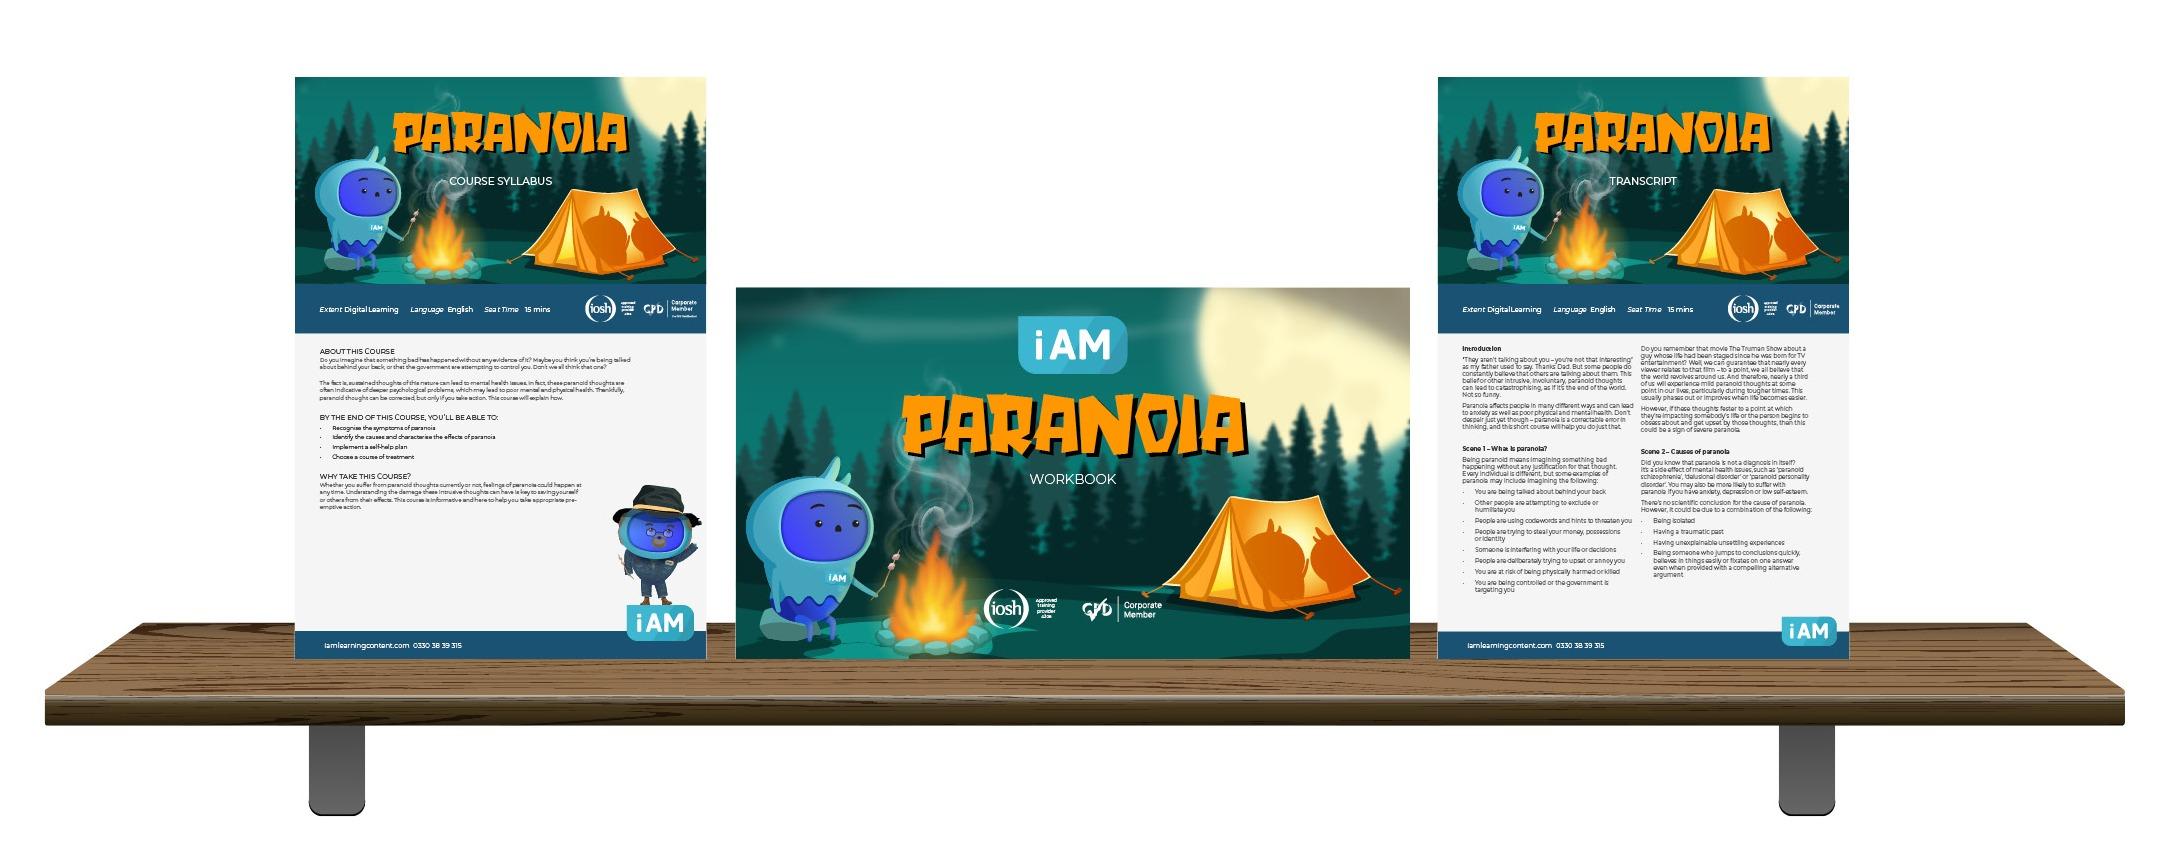 iAM 00009 Paranoia - Landing Page8